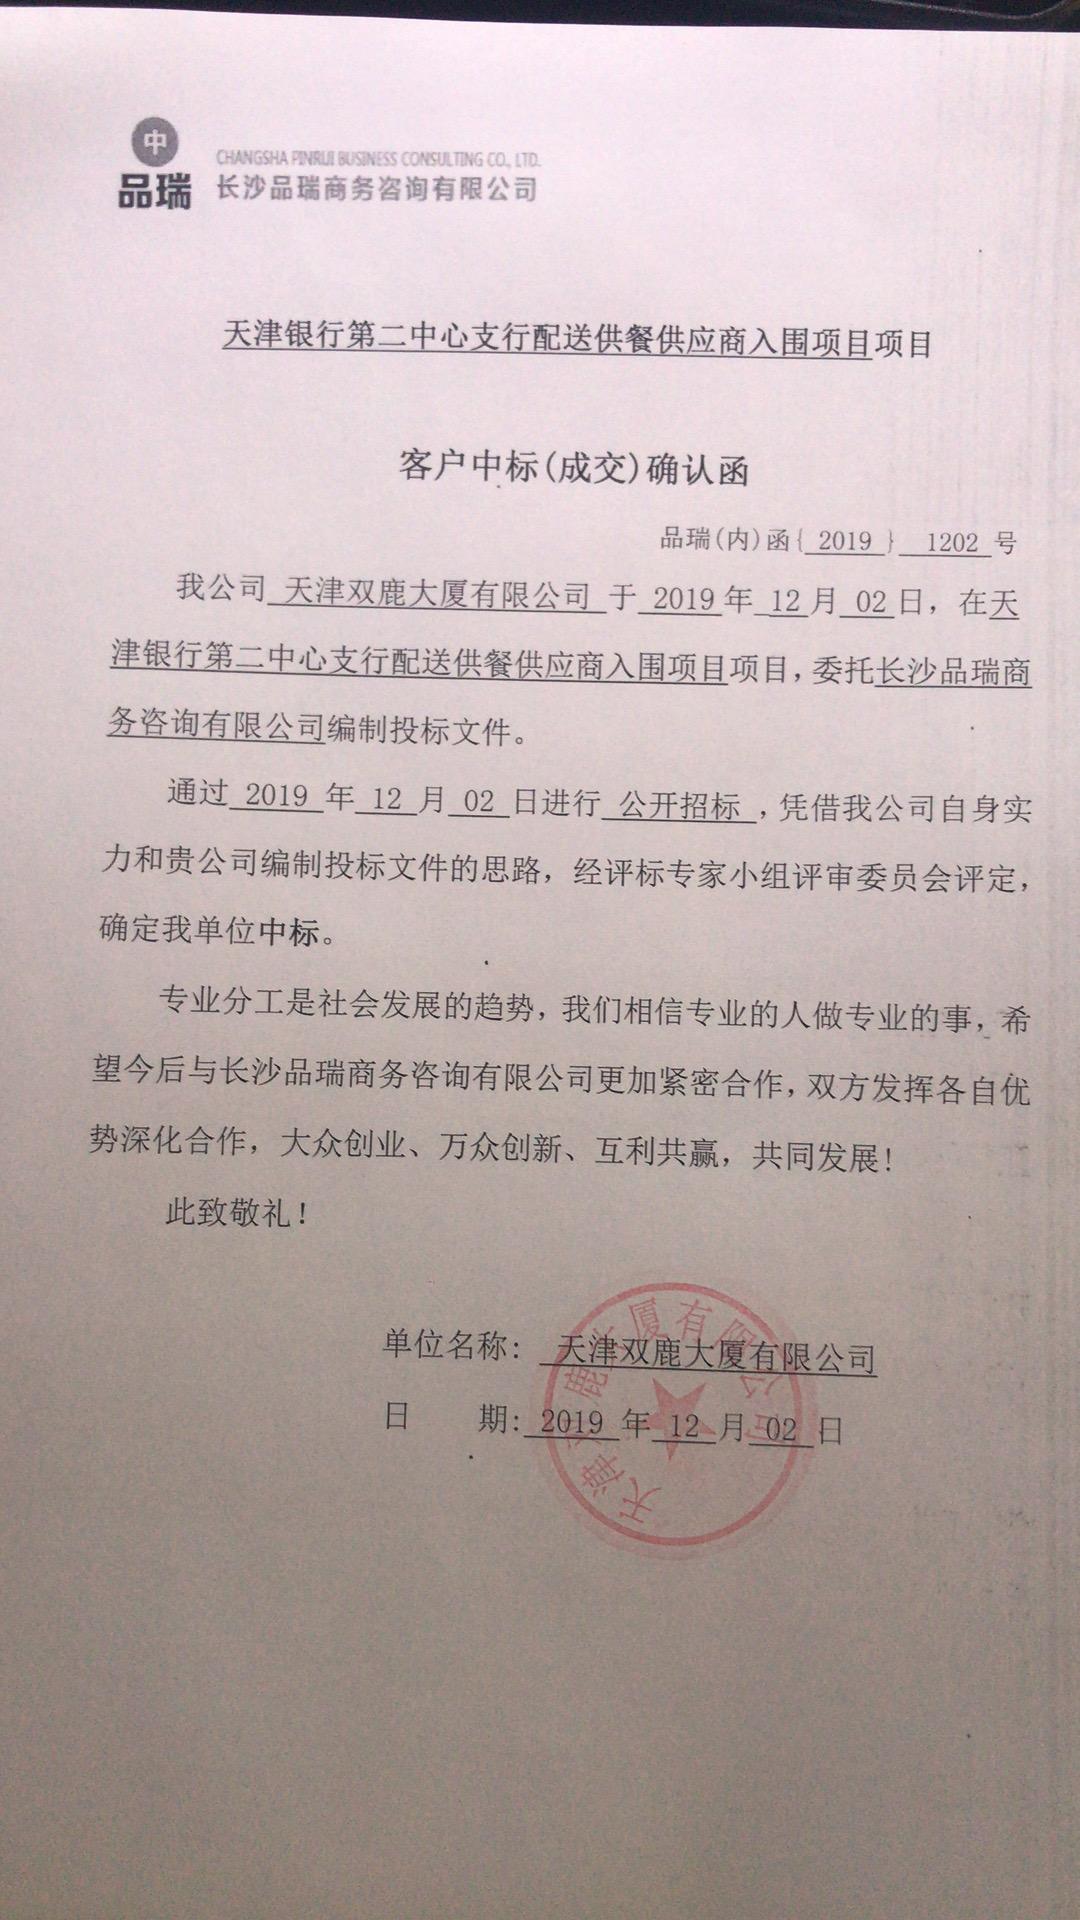 天津双鹿大厦有限公司